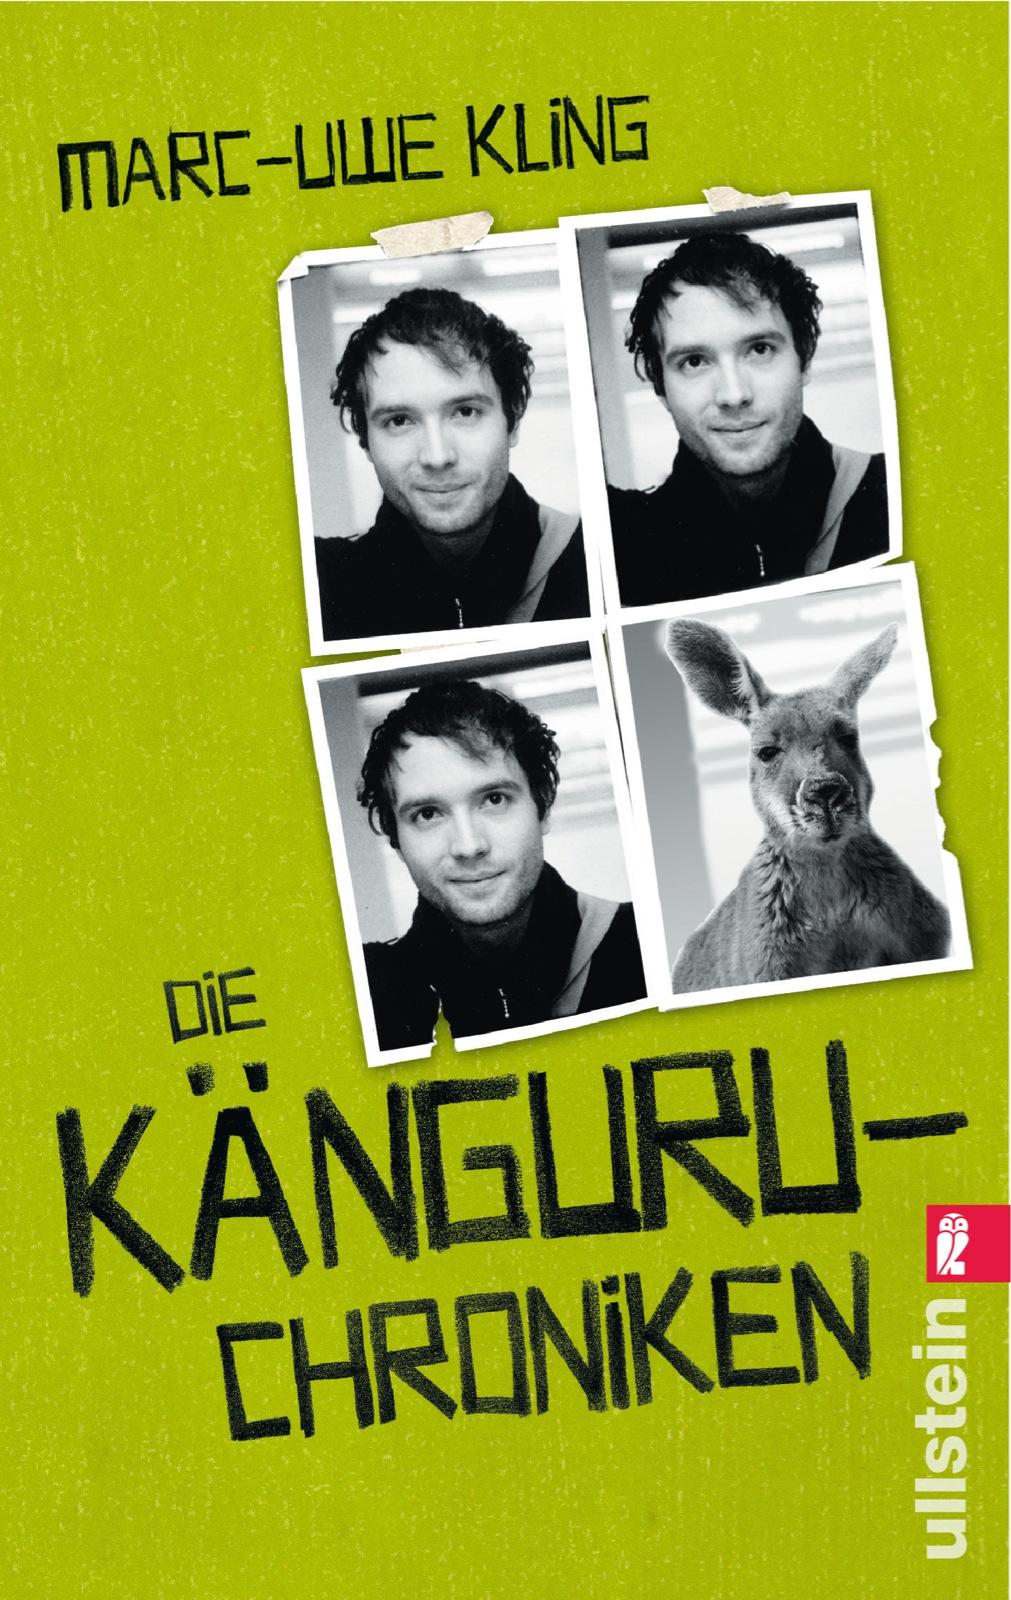 Die Känguru Chroniken - Band 1: Ansichten eines vorlauten Beuteltiers - Marc-Uwe Kling